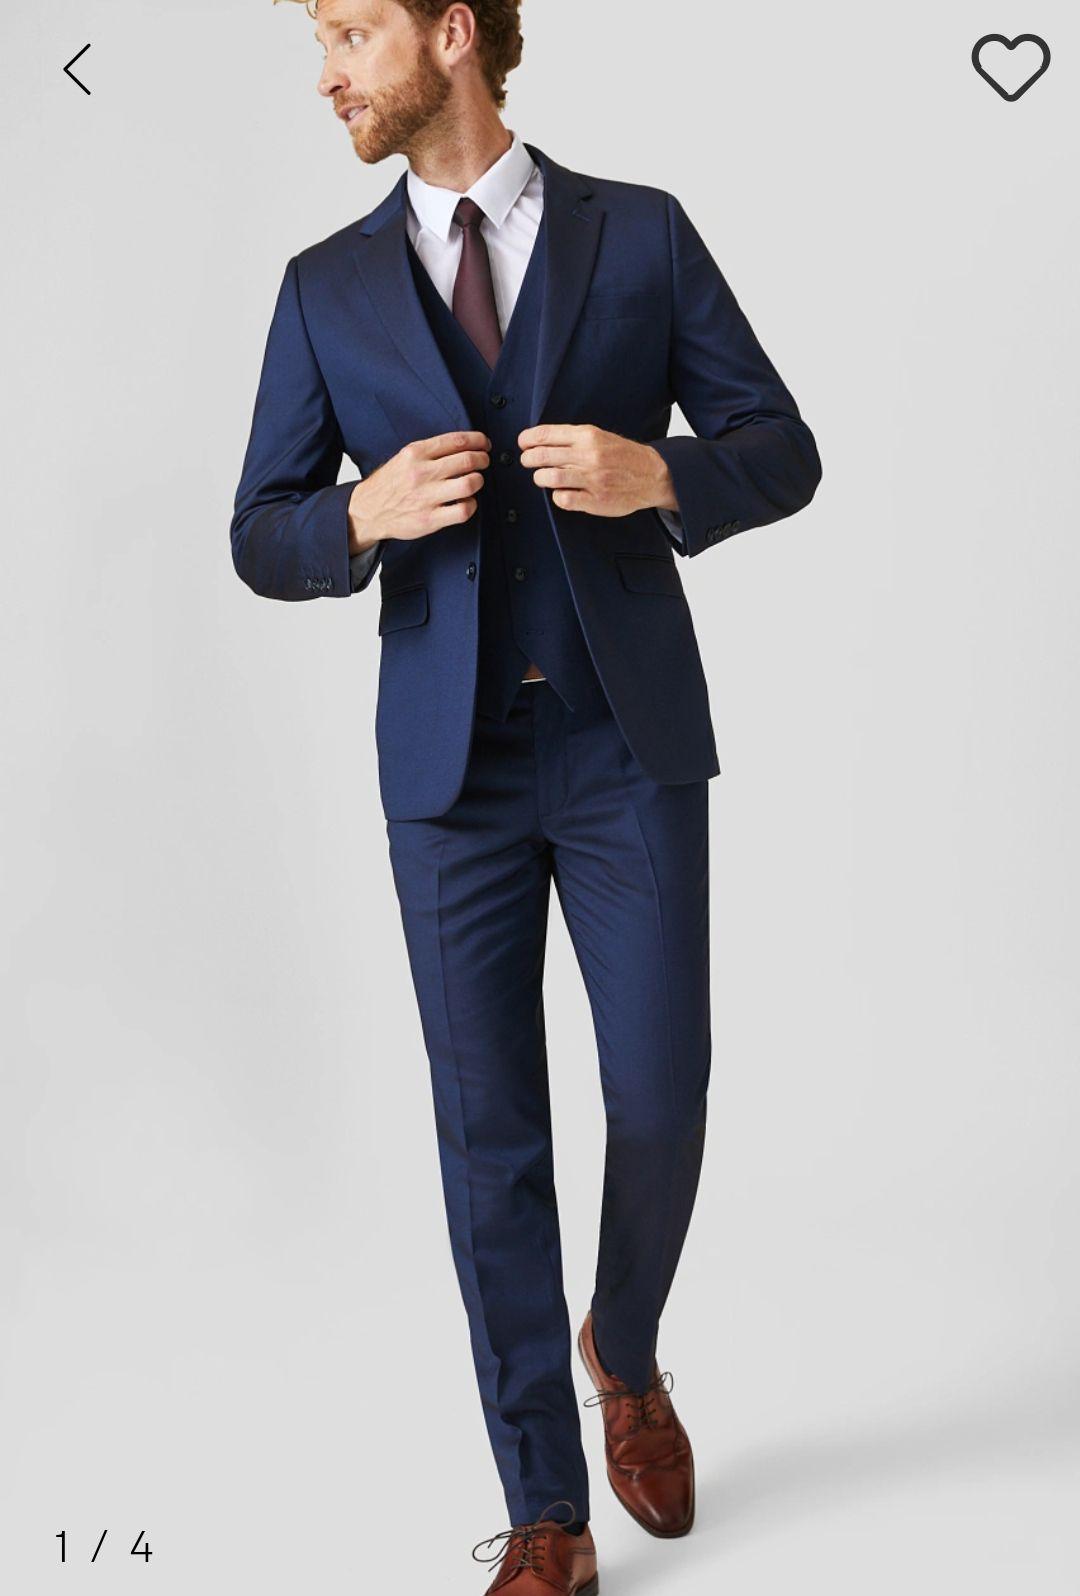 Recopilación Ofertas en trajes completos desde sólo 20€ +10% Descuento adicional +30% Descuento extra al tramitar (varios colores y tallas)